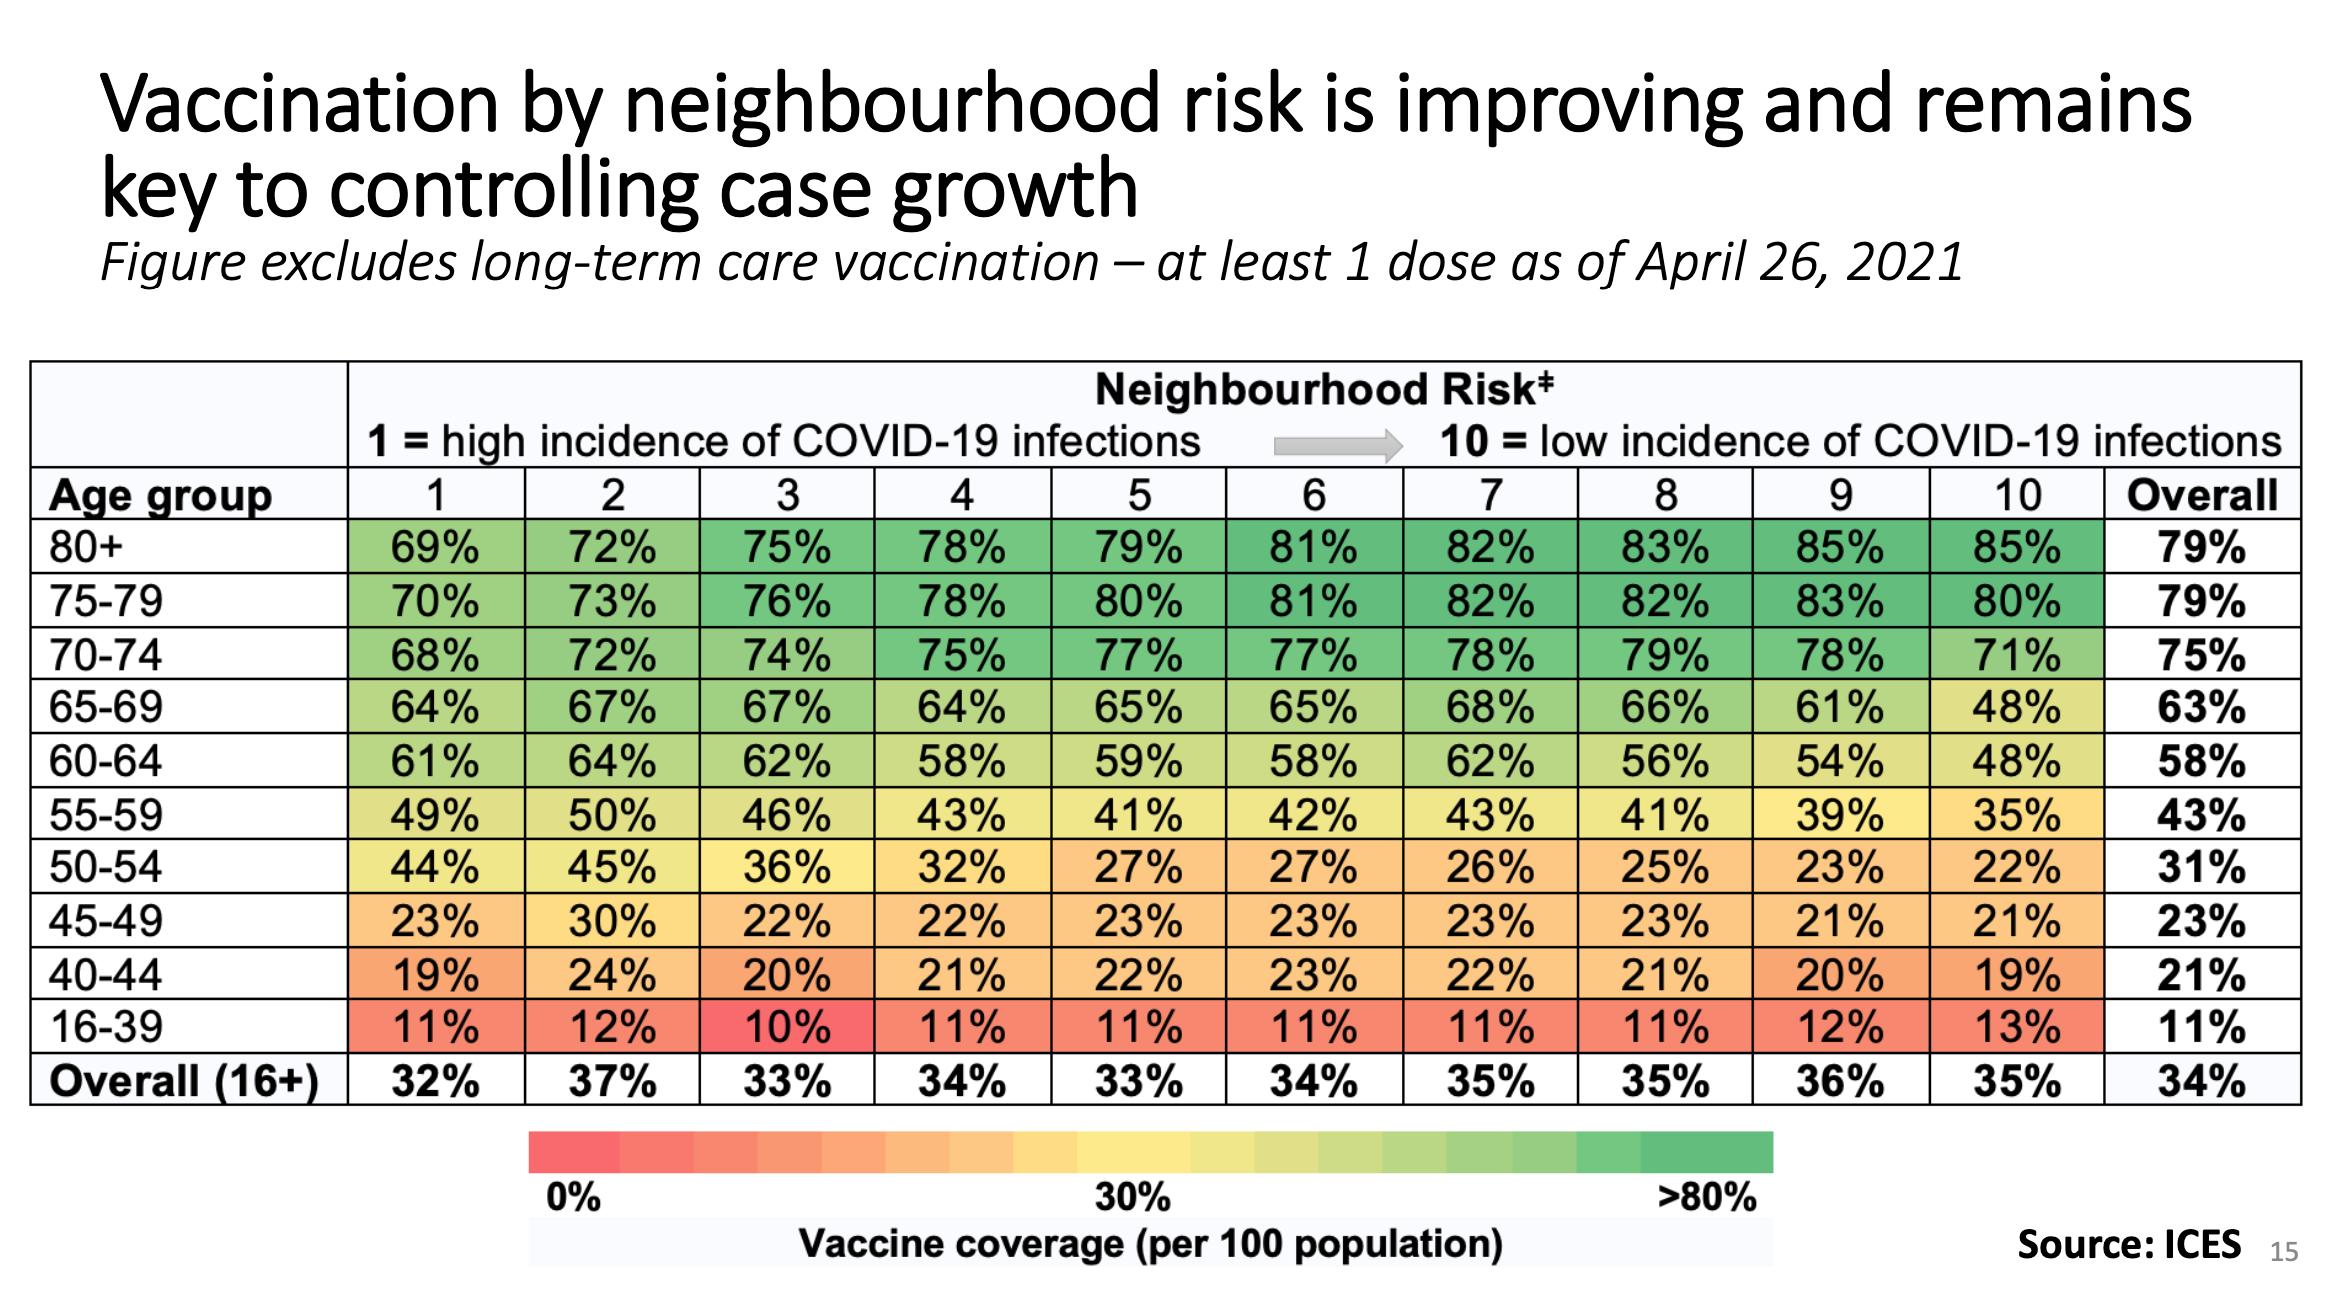 vaccine coverage